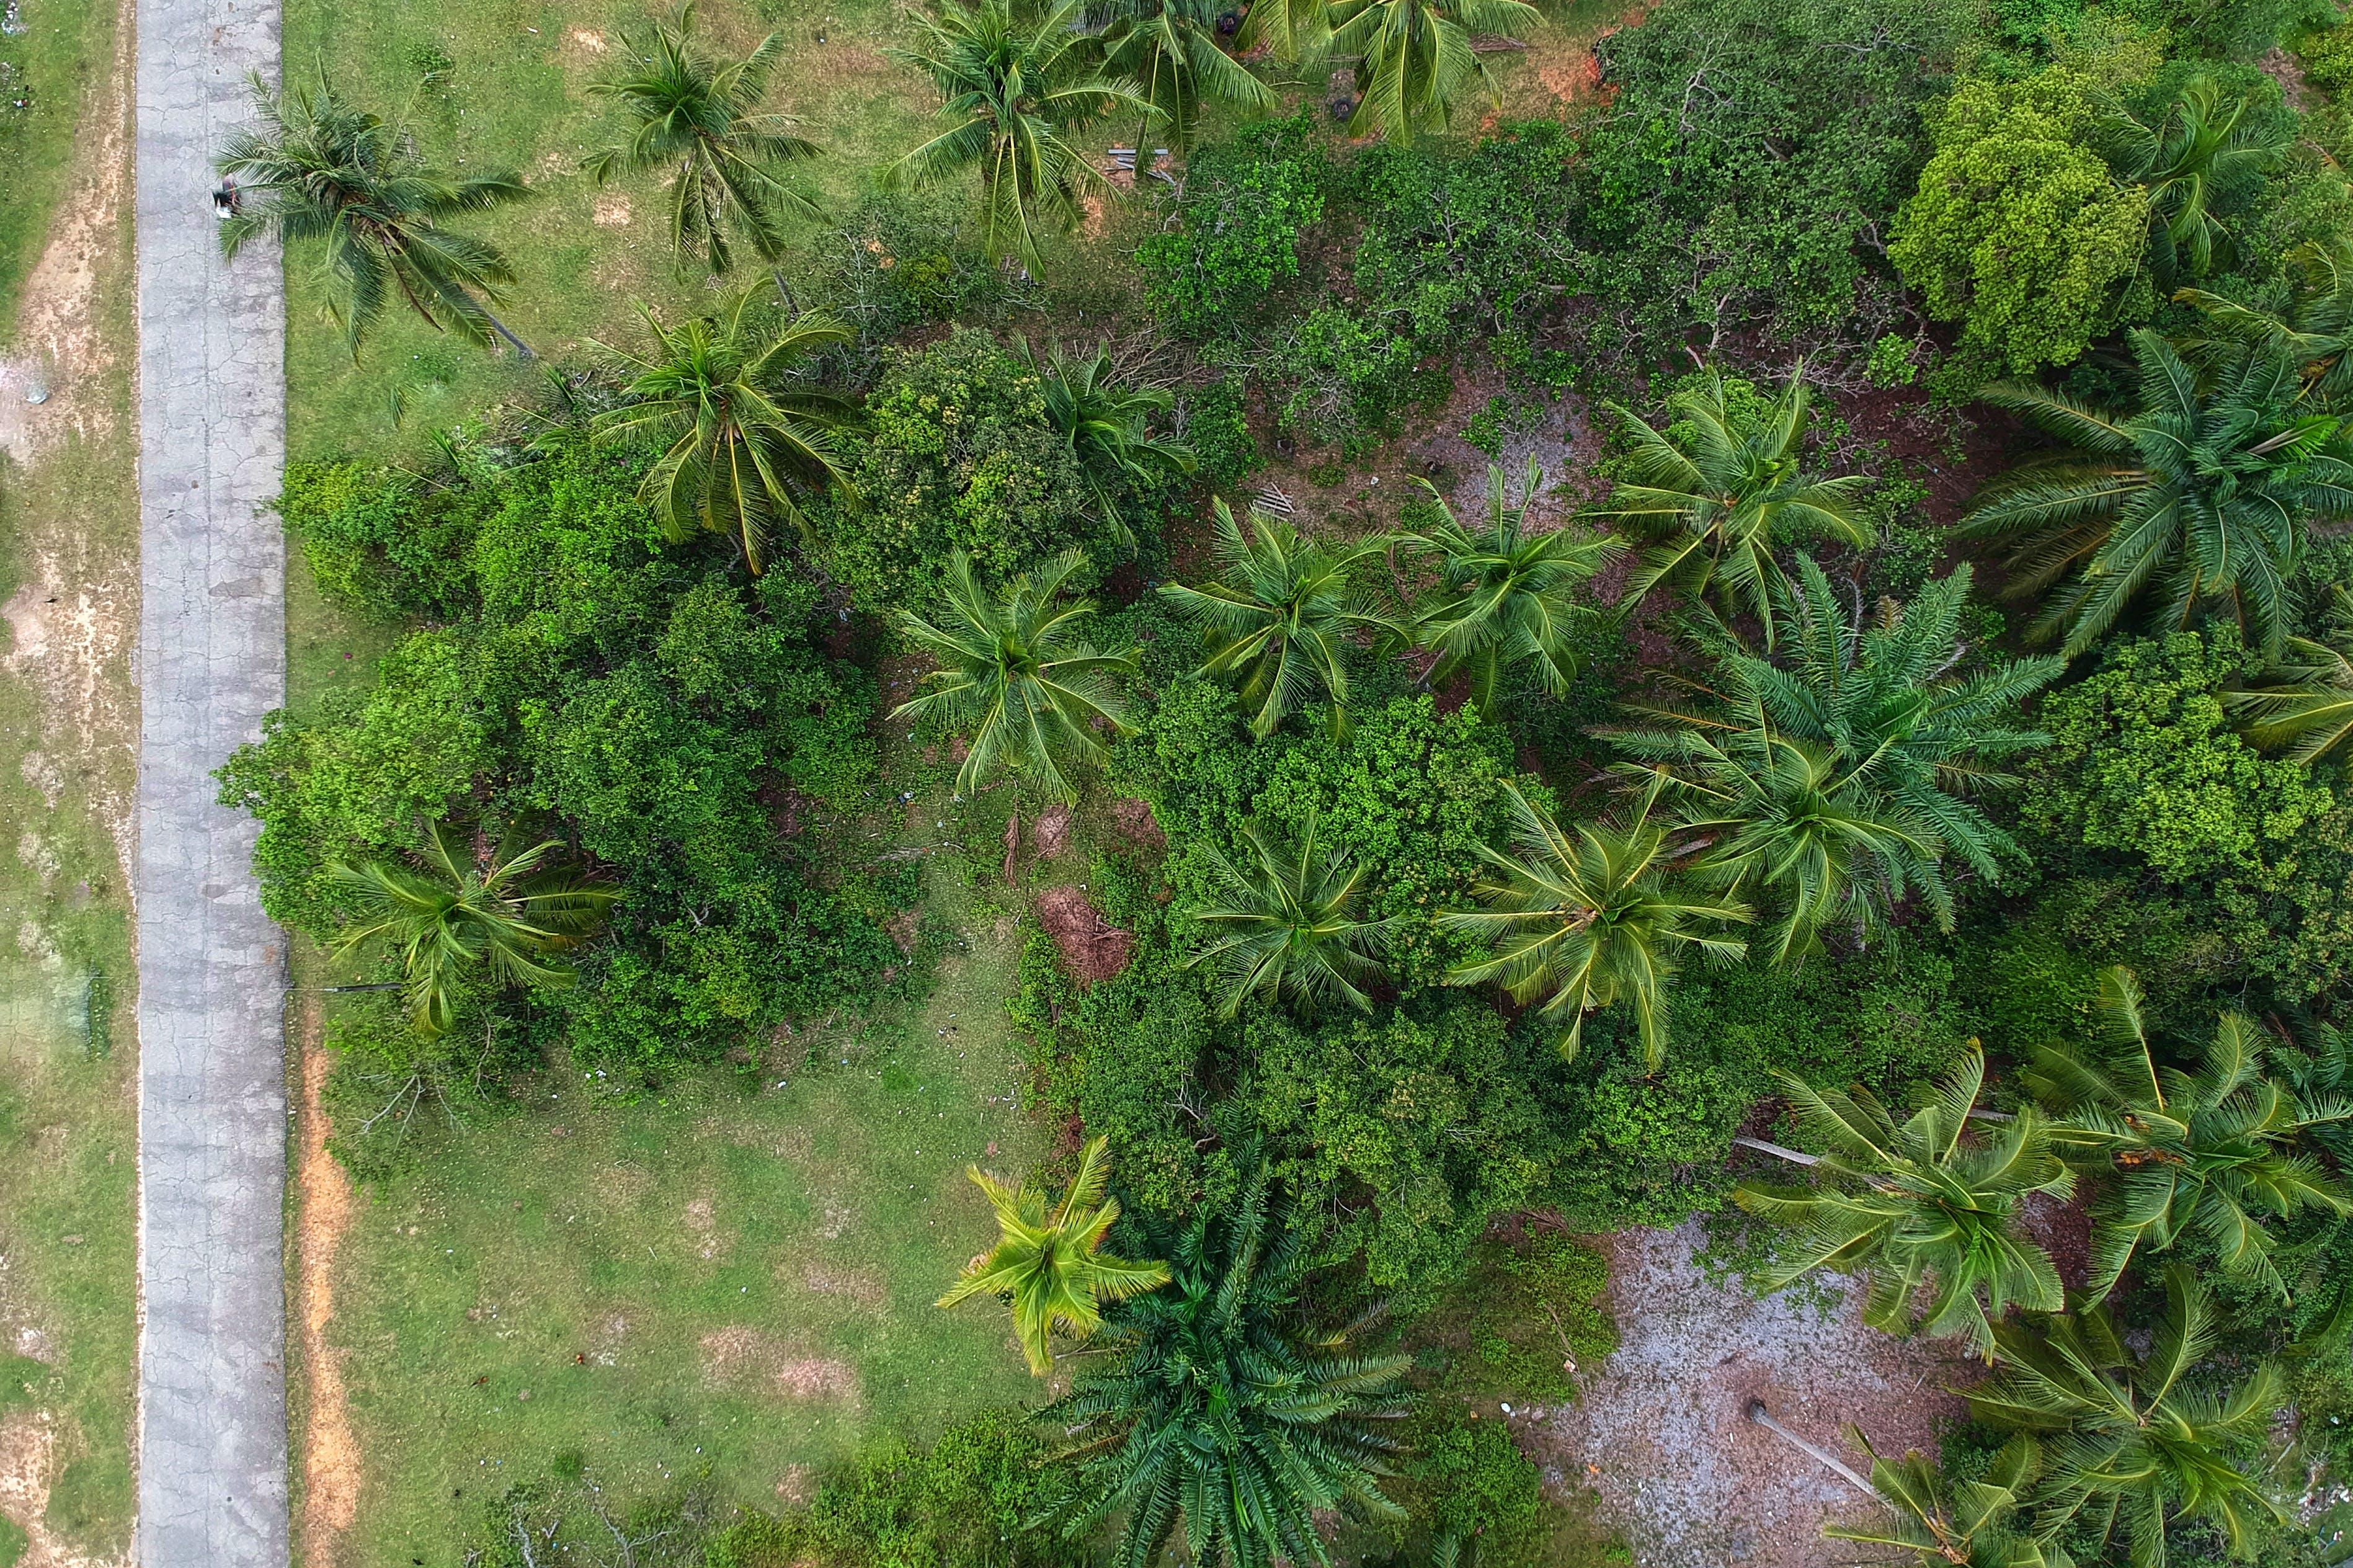 ココナッツの木, ダークグリーンの植物, トロピカル, パークの無料の写真素材